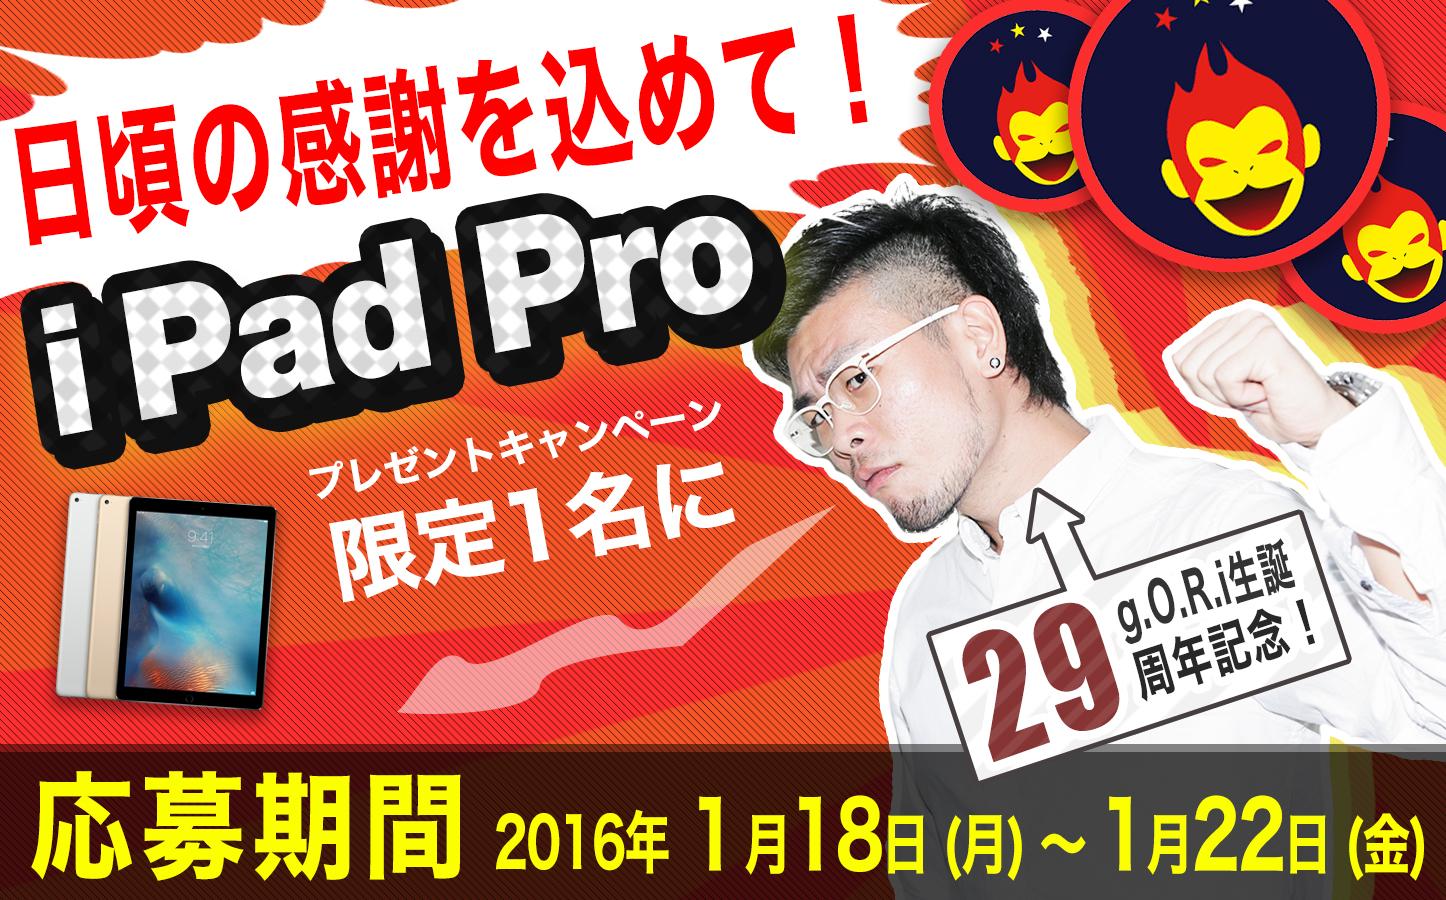 「iPad Pro」を限定1名にプレゼント!【生誕29周年記念キャンペーン】